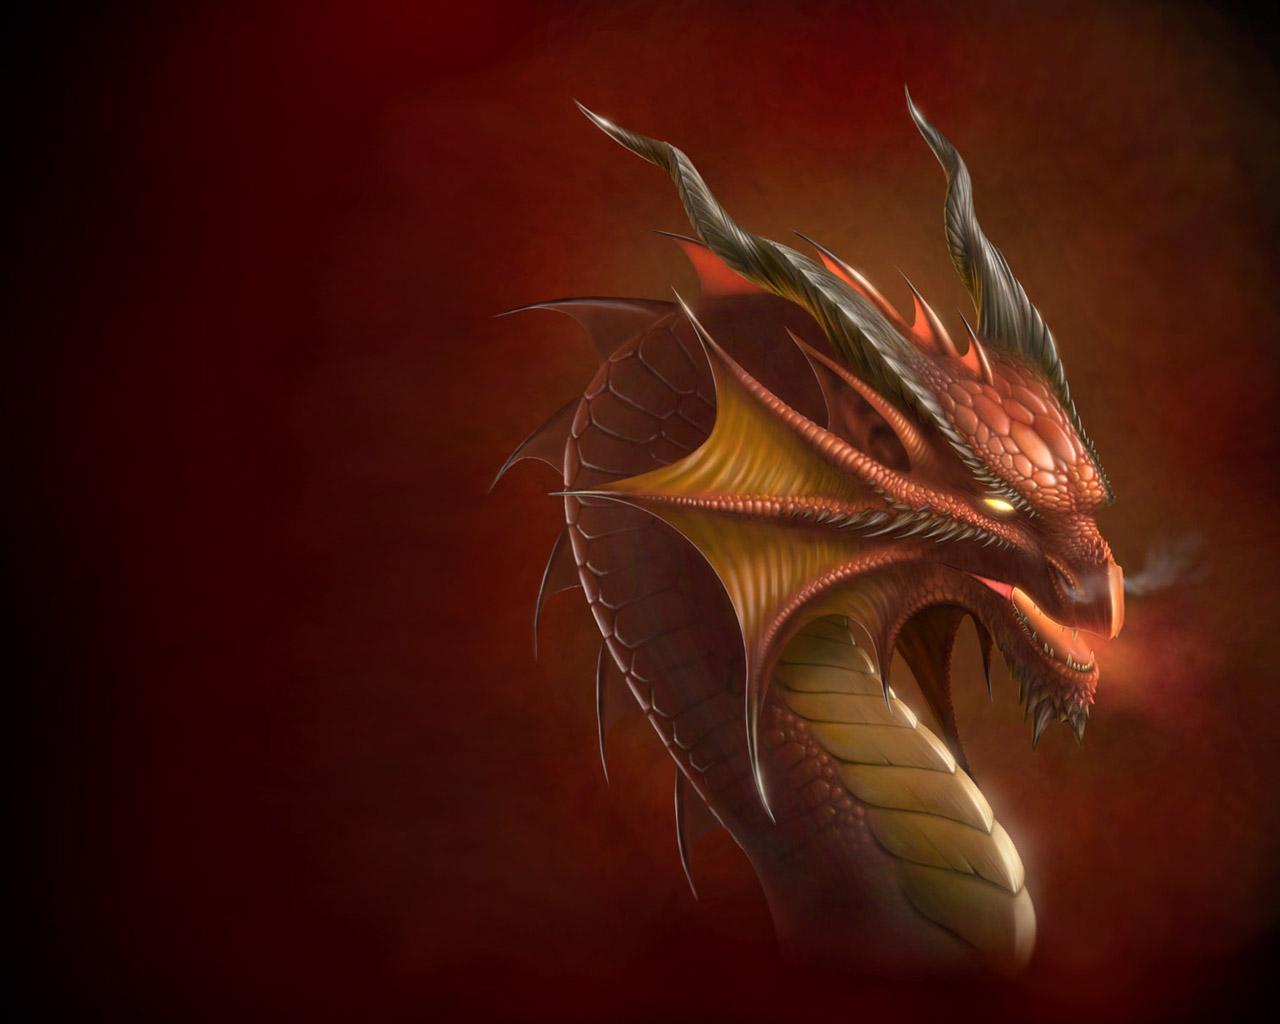 http://1.bp.blogspot.com/_69ovQpZVdFw/TUxvfd9xJDI/AAAAAAAACBg/F4nCfLmZCL4/s1600/Dragon_head_Wallpaper.jpg